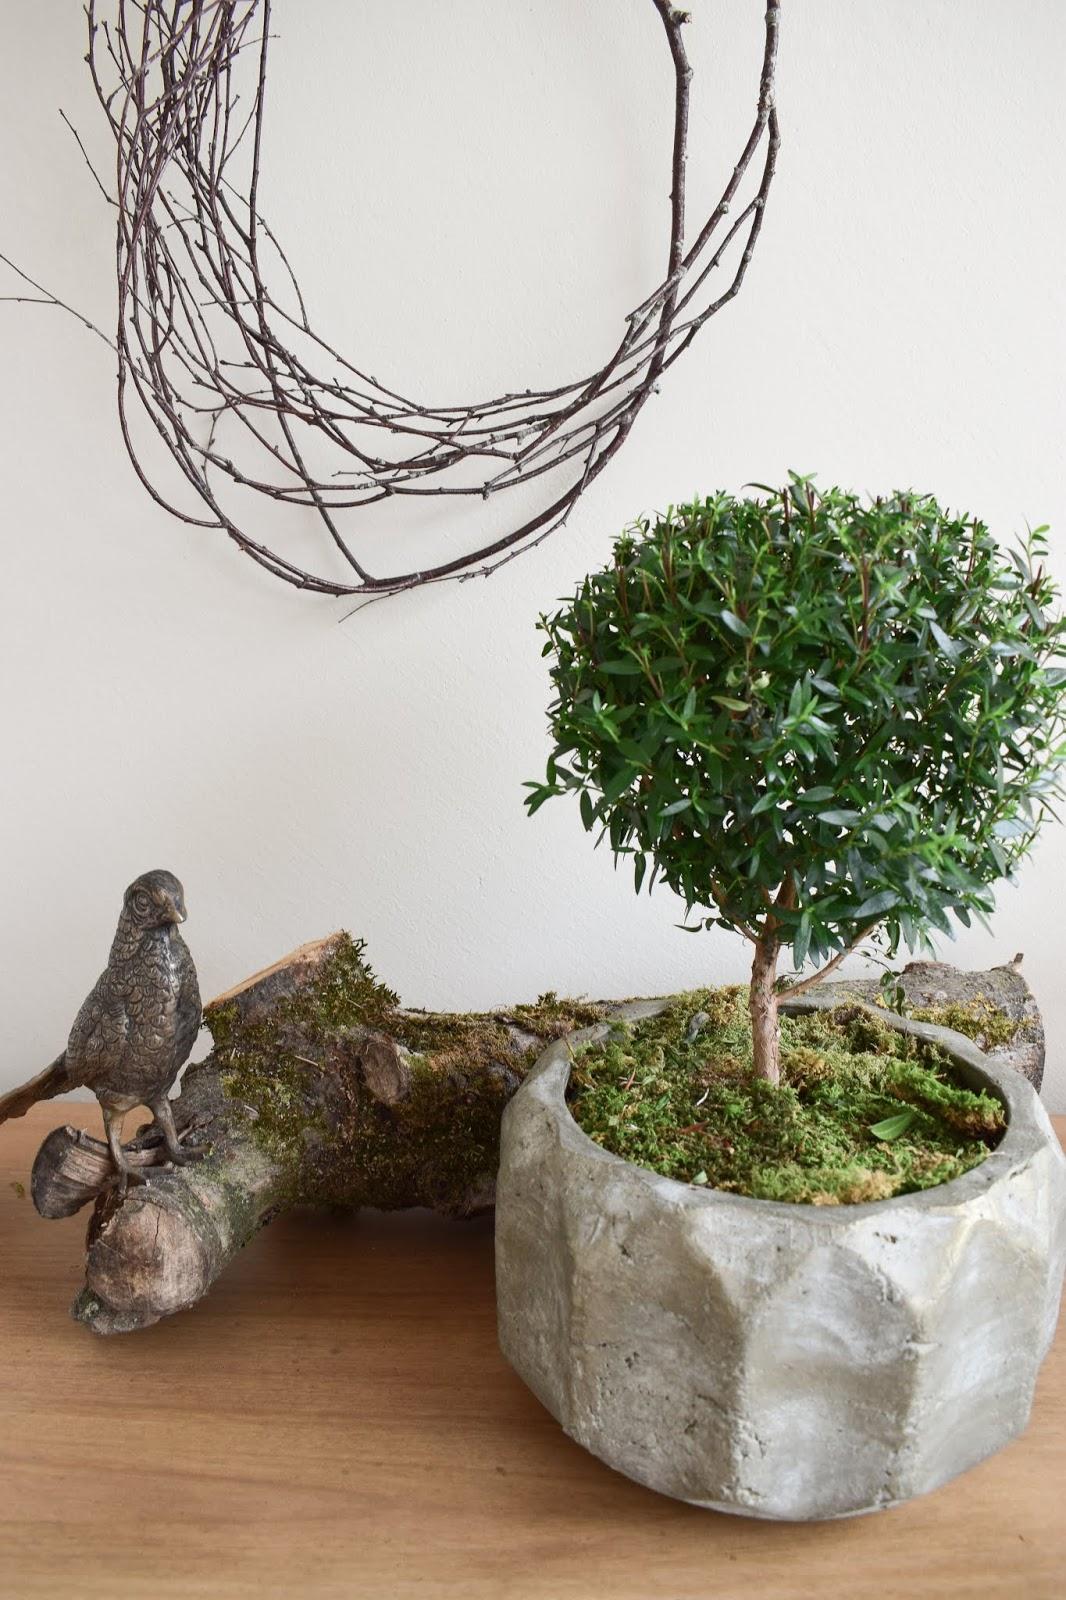 Einfach selbermachen: Naturdeko mit Topfpflanze: Verschönerung Übertopf Zimmerpflanze mit Moos Eukalyptus Schleierkraut. Myrte Dekoidee Deko Dekoration Übertopf natürlich dekorieren